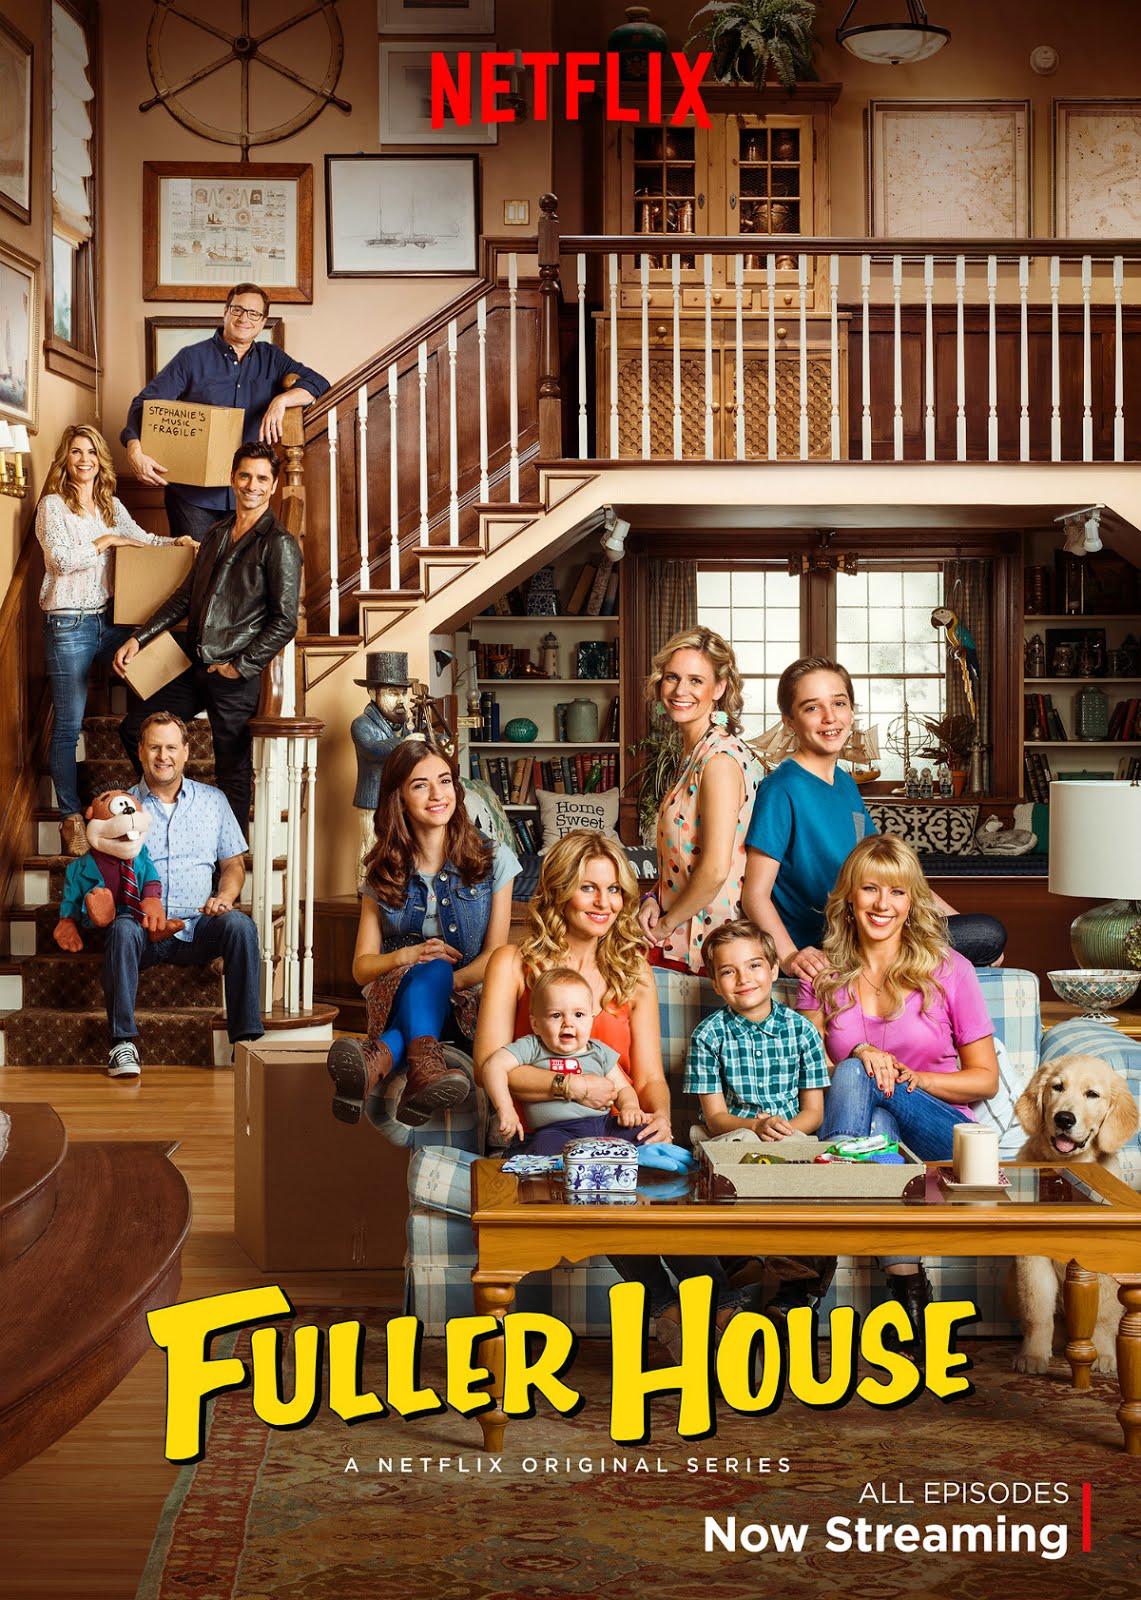 La Fête à la maison : 20 ans après - Saison 2 [Streaming] [Telecharger]